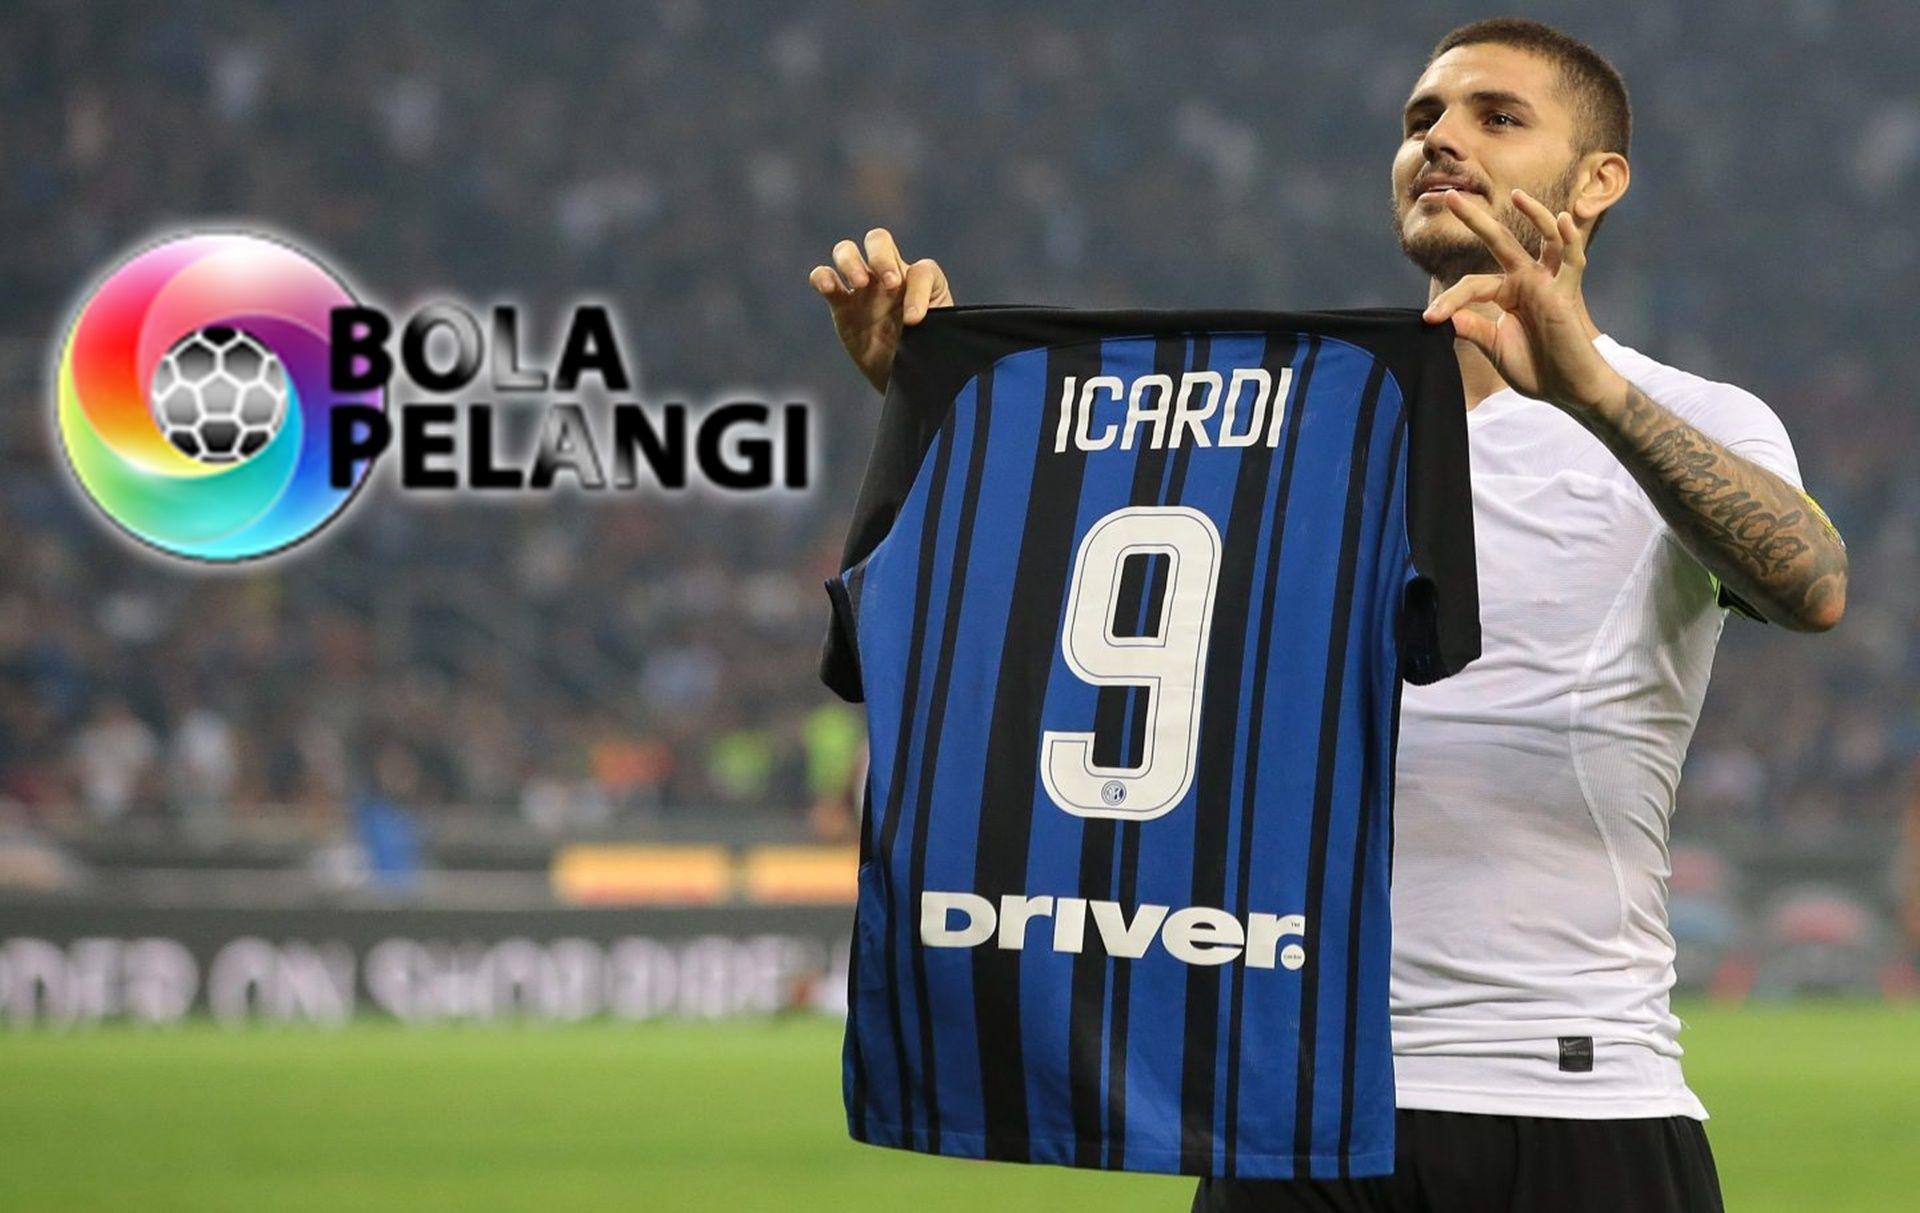 Persiapan Angka 9 Juventus Untuk Icardi